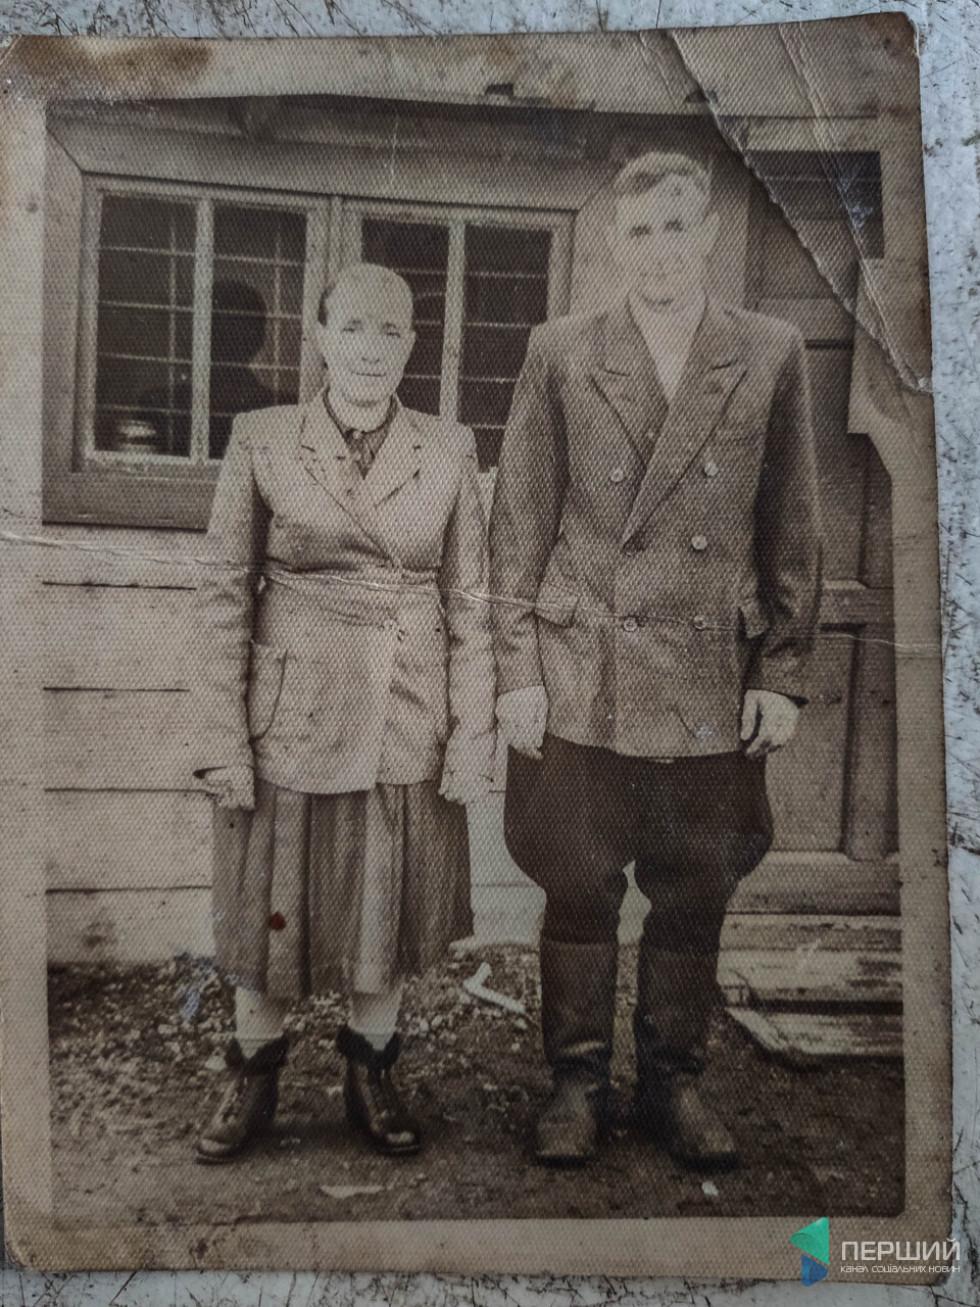 З дружиною під час відбування покарання